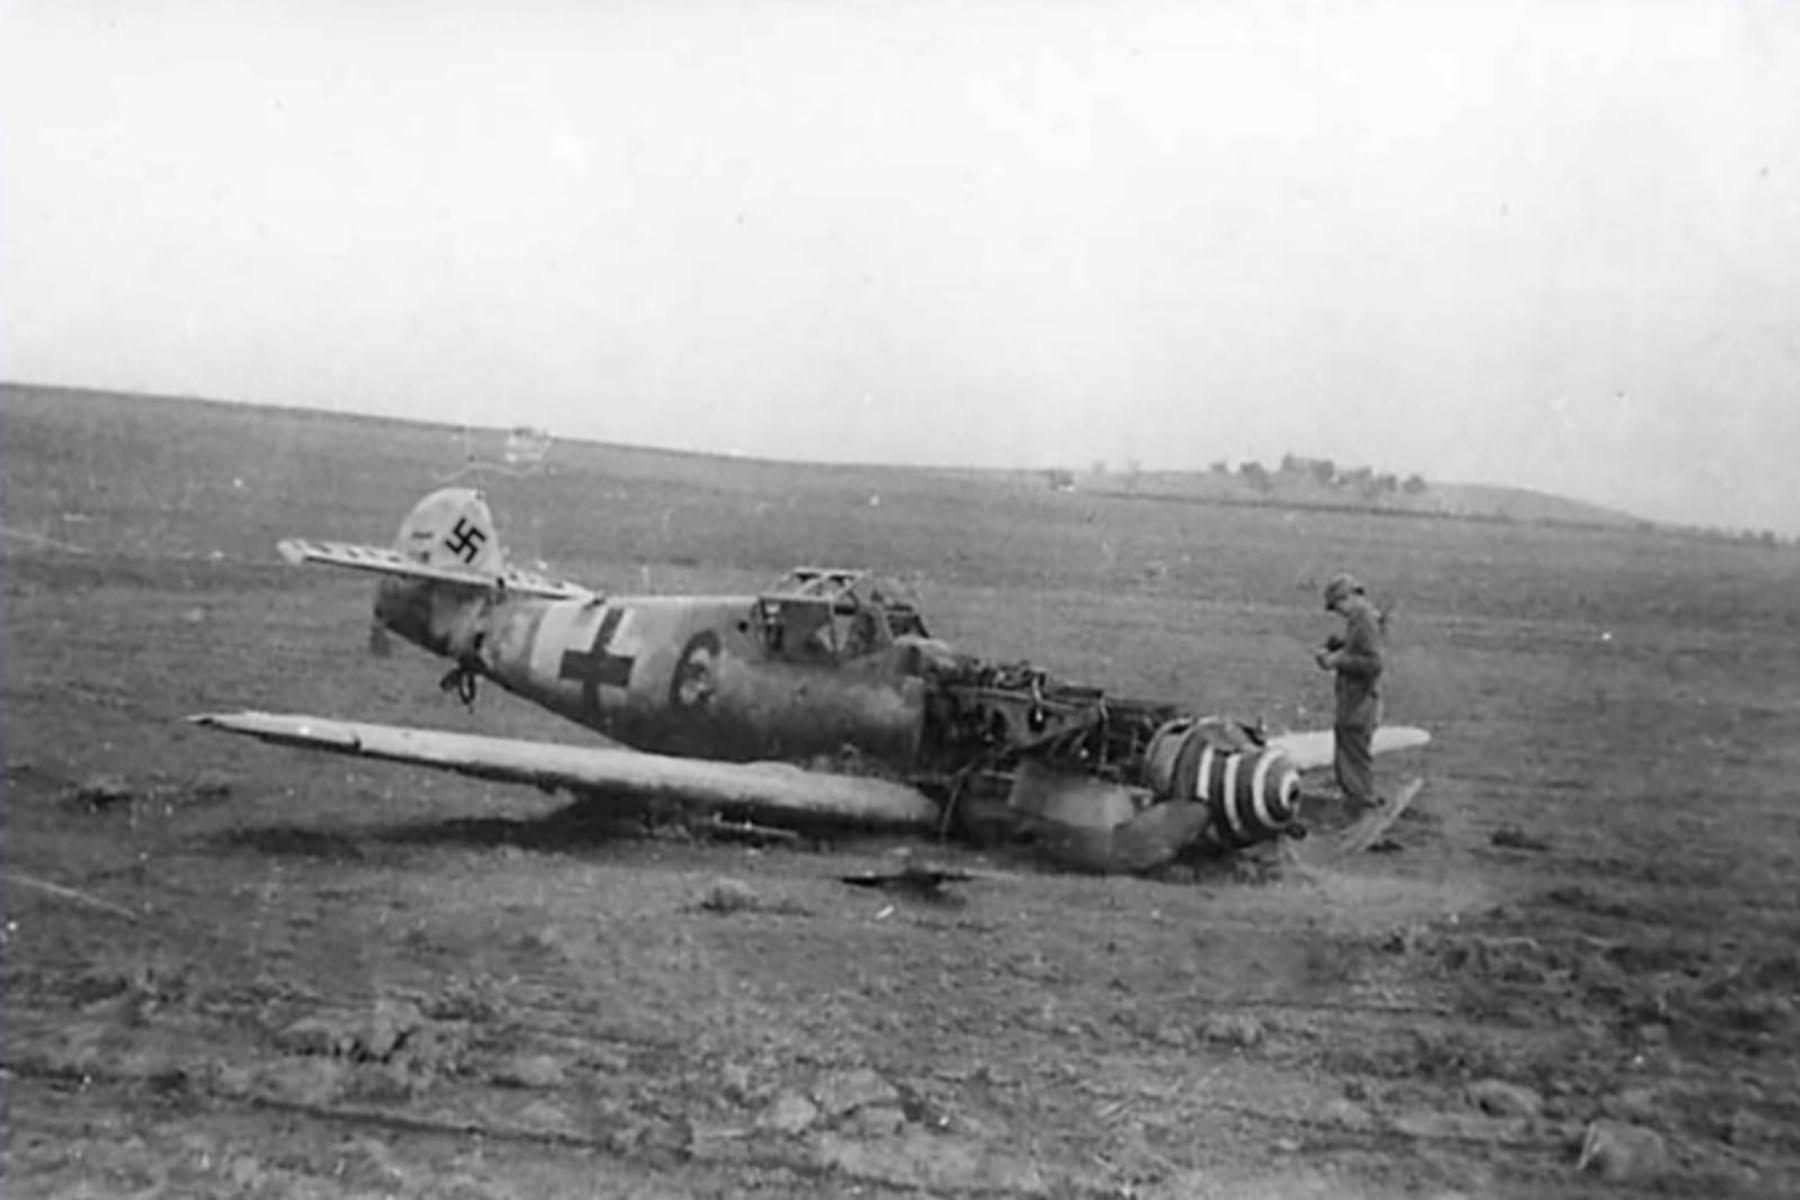 Messerschmitt Bf 109G6R6 Reichsverteidigung Black 6 force landed unknown unit and pilot 01